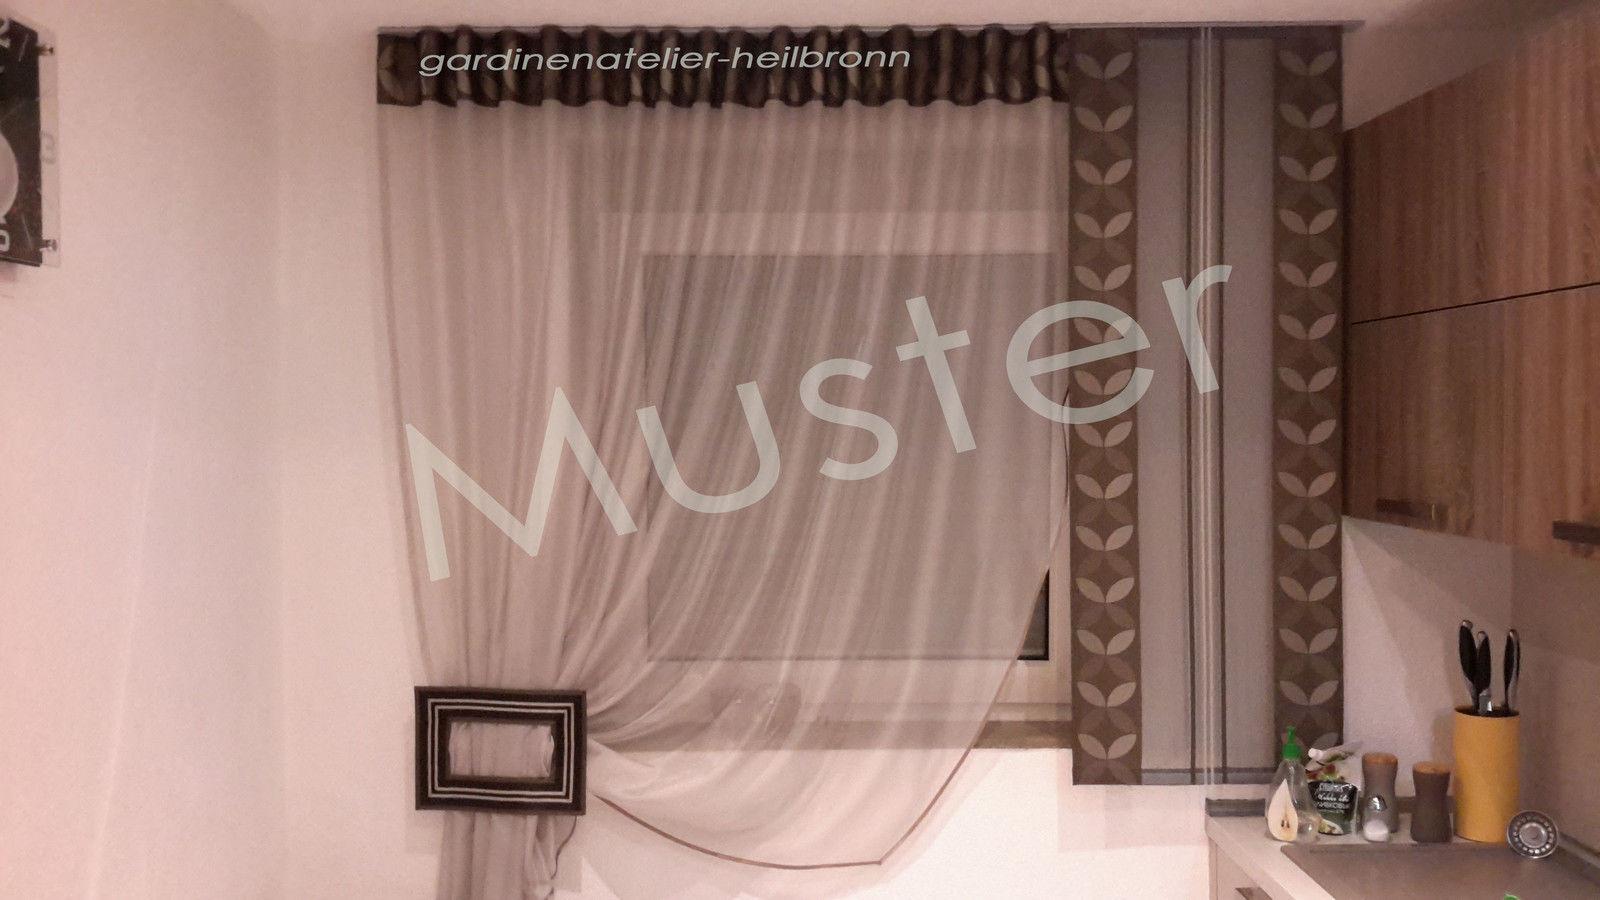 Full Size of Gardinen Für Küche Schlafzimmer Wohnzimmer Fenster Die Scheibengardinen Wohnzimmer Gardinen Nähen